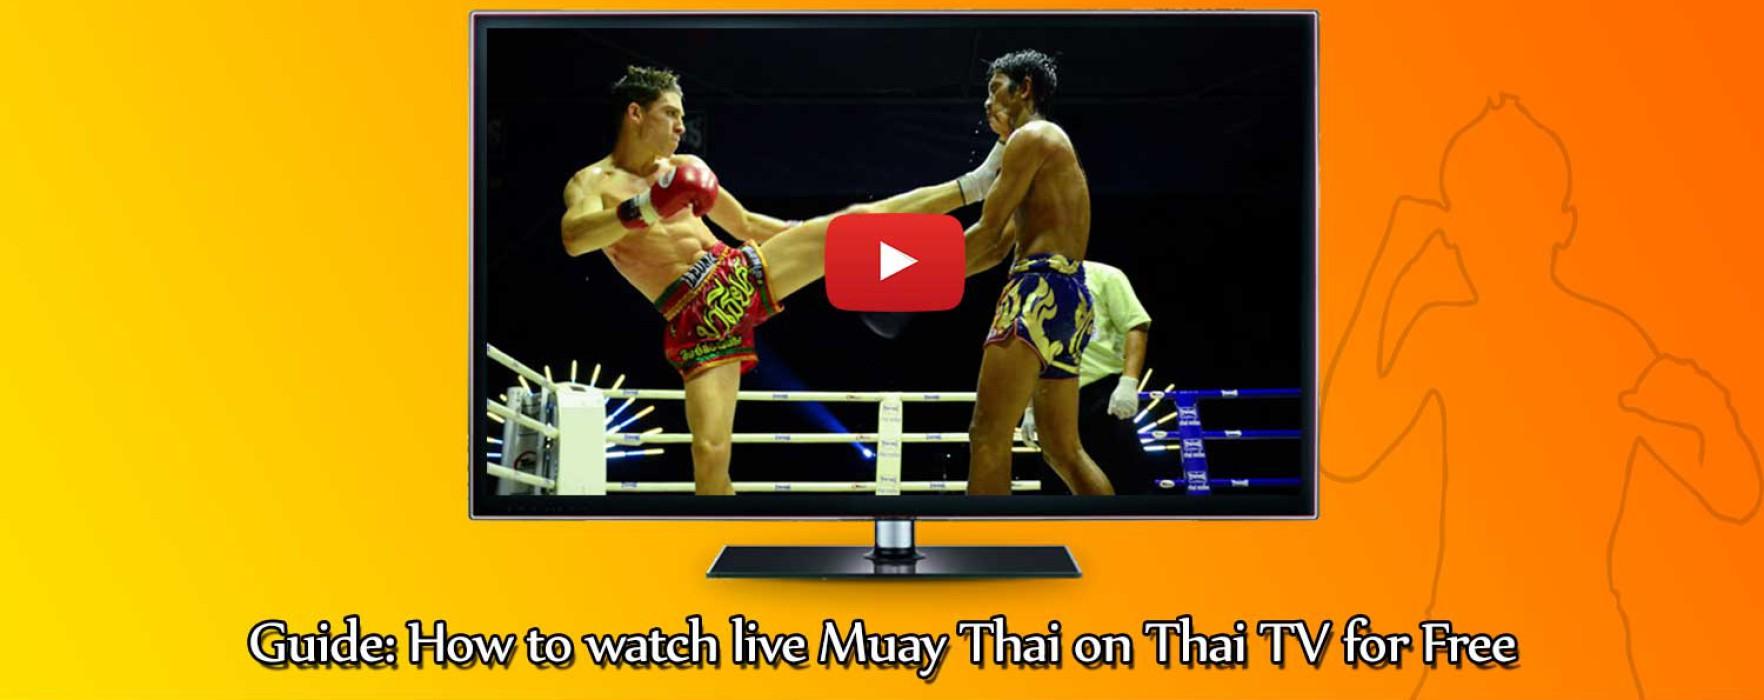 Guide: Come guardarsi la Muay Thai in diretta sulla TV Thai gratuitamente